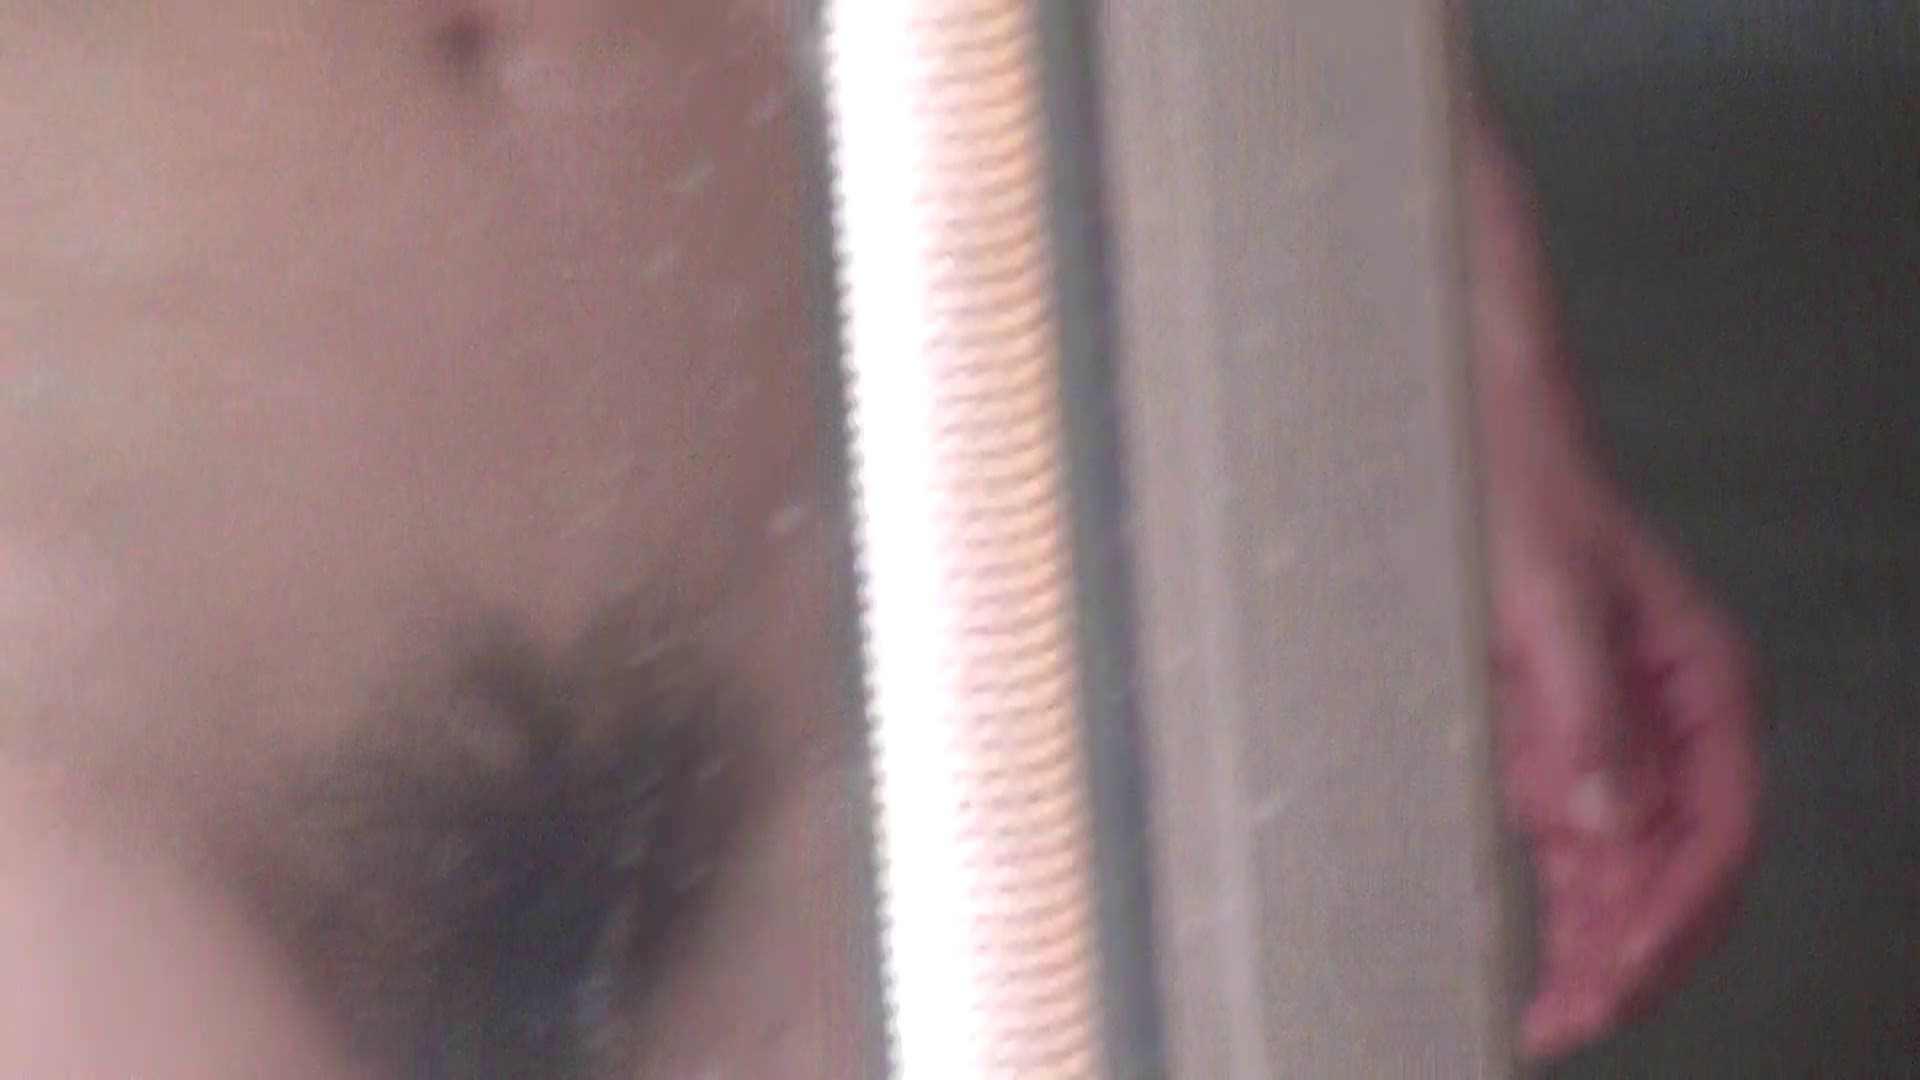 Vol.76 吸われ続けた乳首に年齢を感じますが、引き締まった身体 美女ハメ撮り  76Pix 25